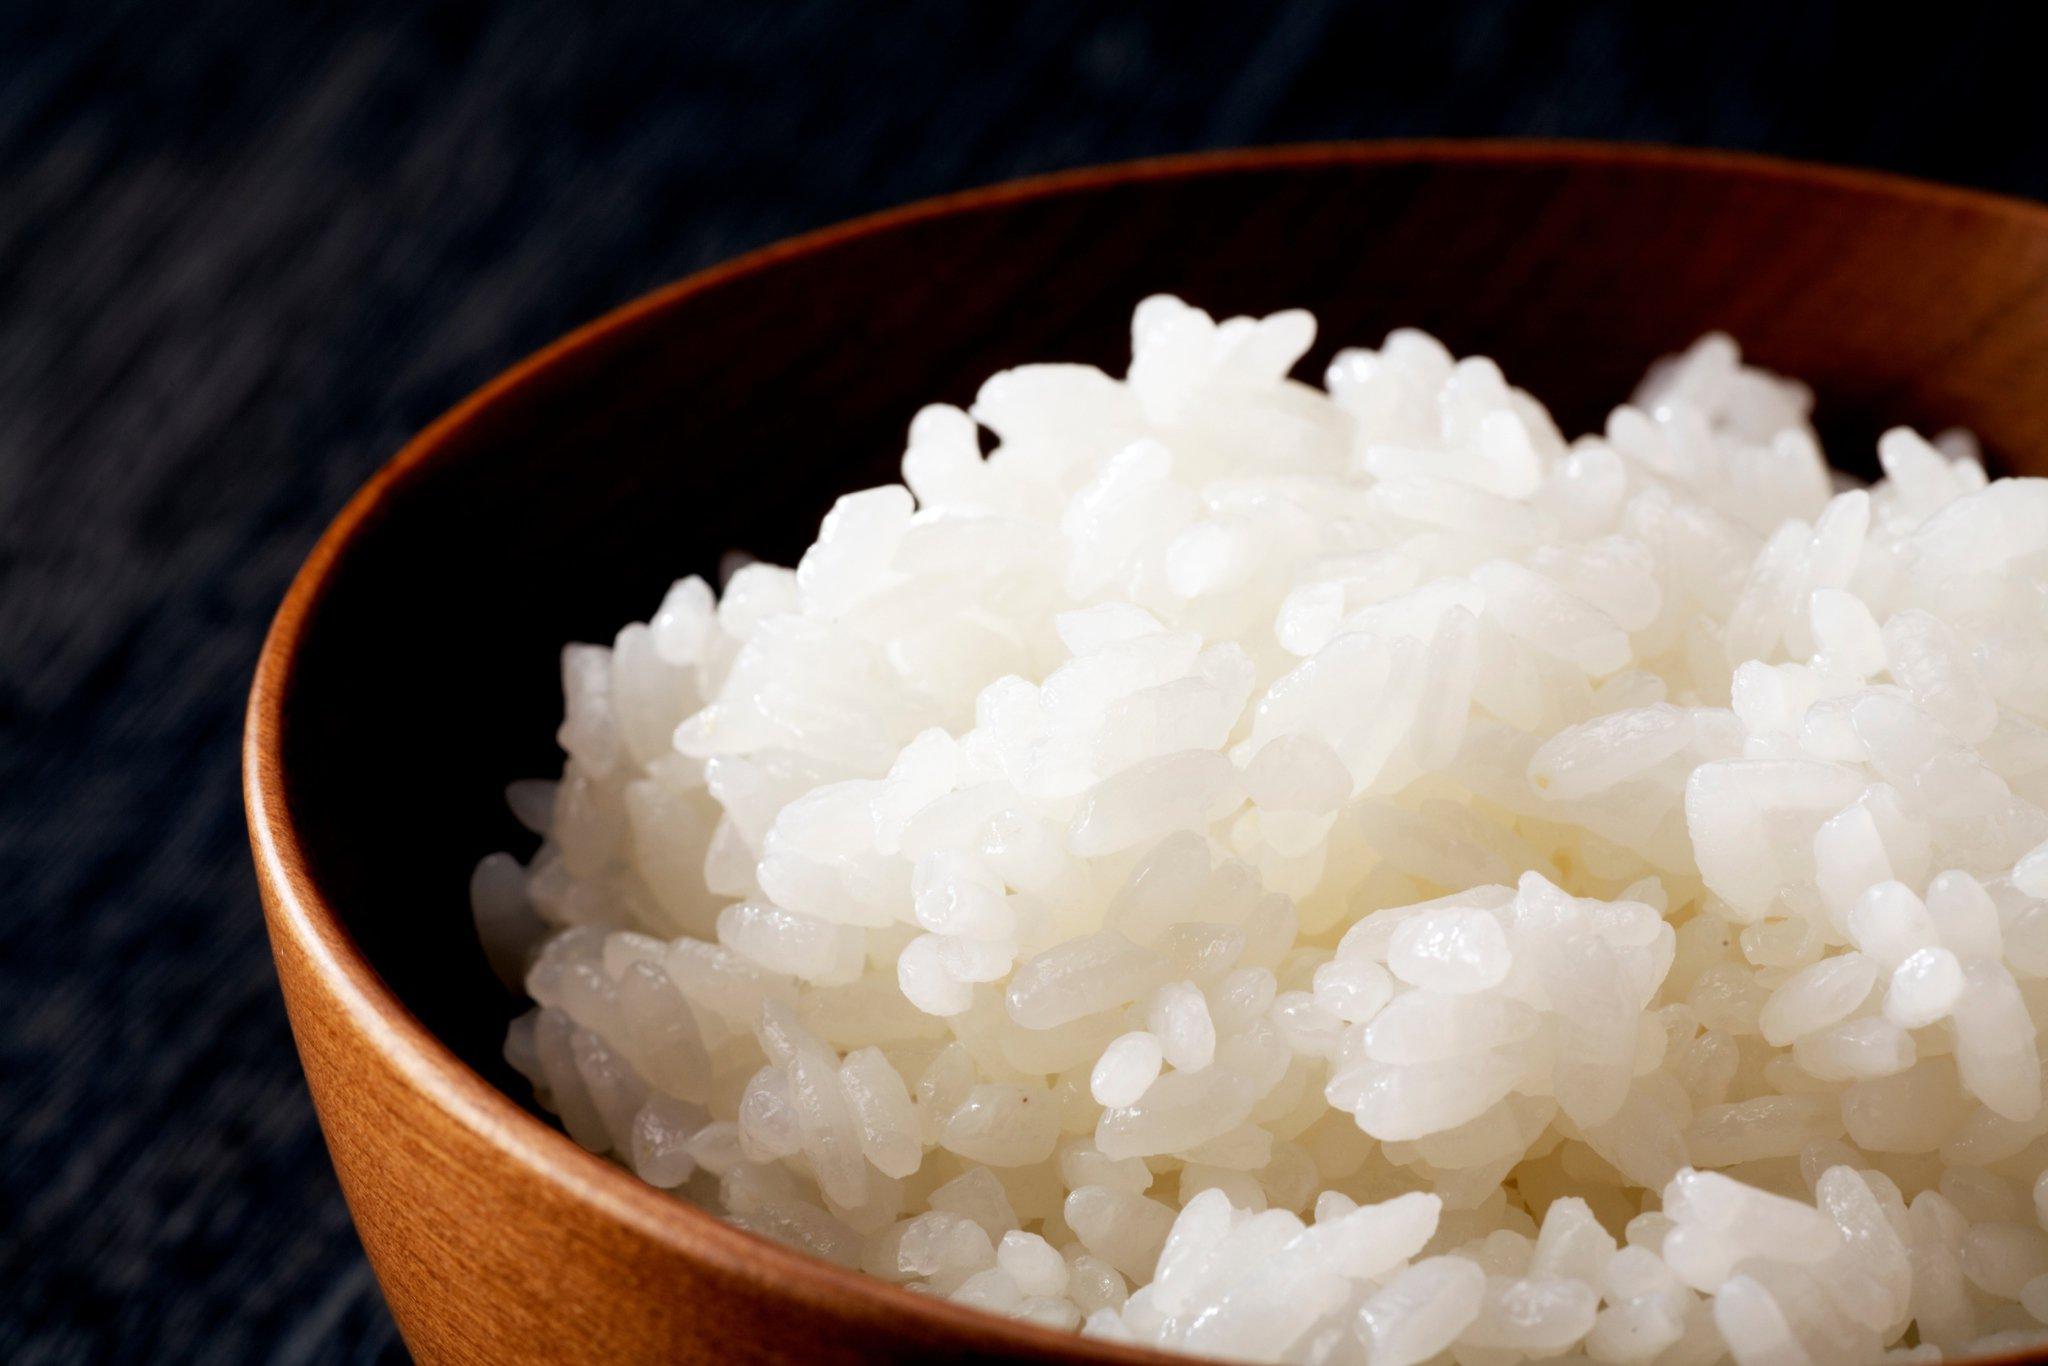 bf8dbb758b Reis kochen wie die Profiköche | desired.de